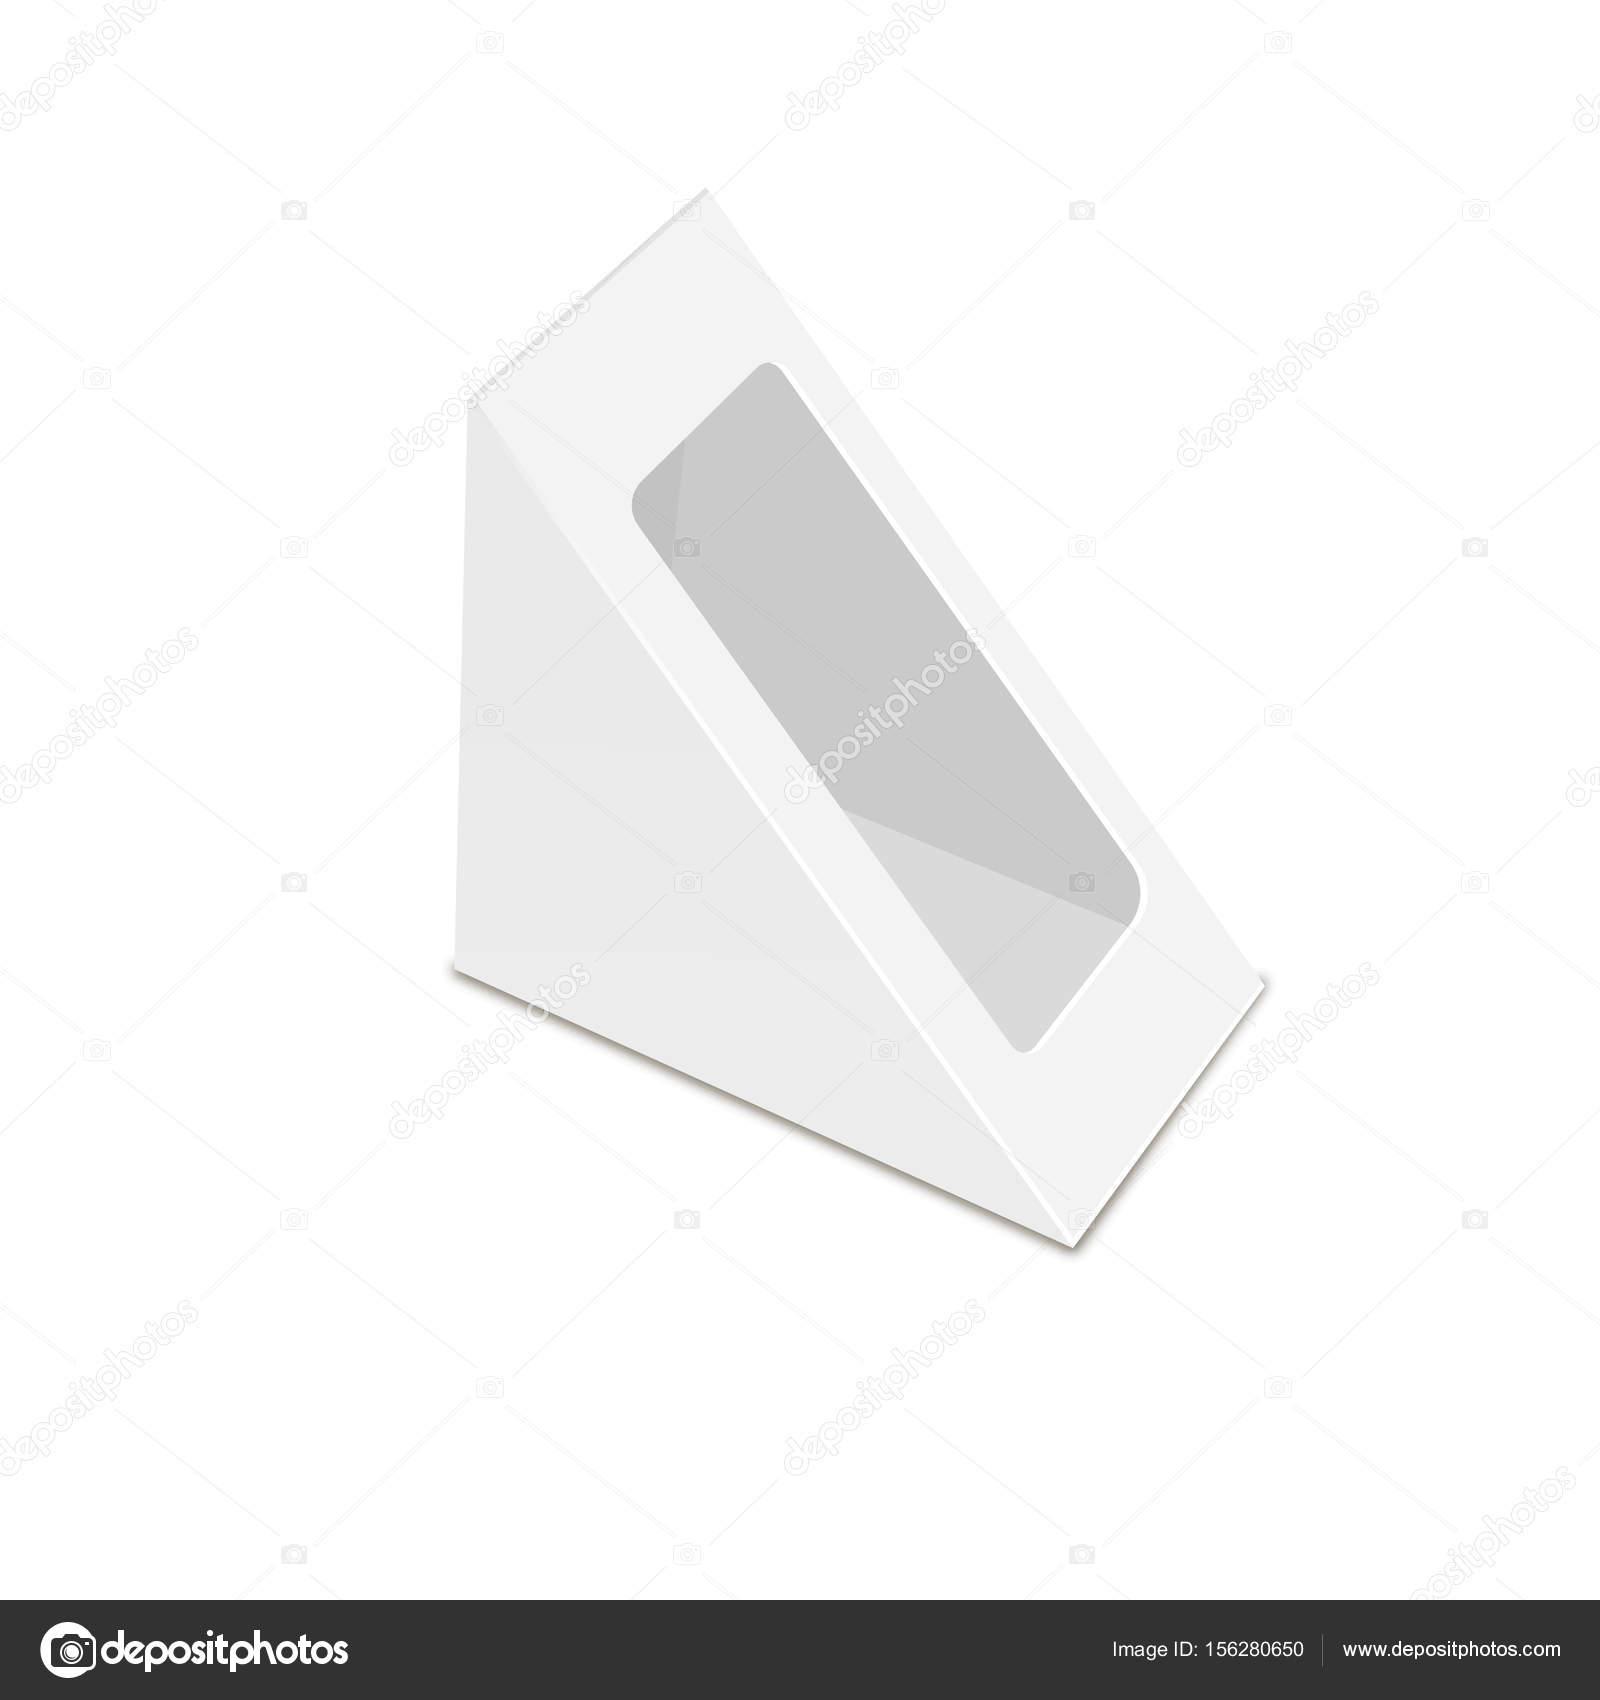 Karton leer leer Anzeige Show Box Halter für Flyer, Broschüren ...